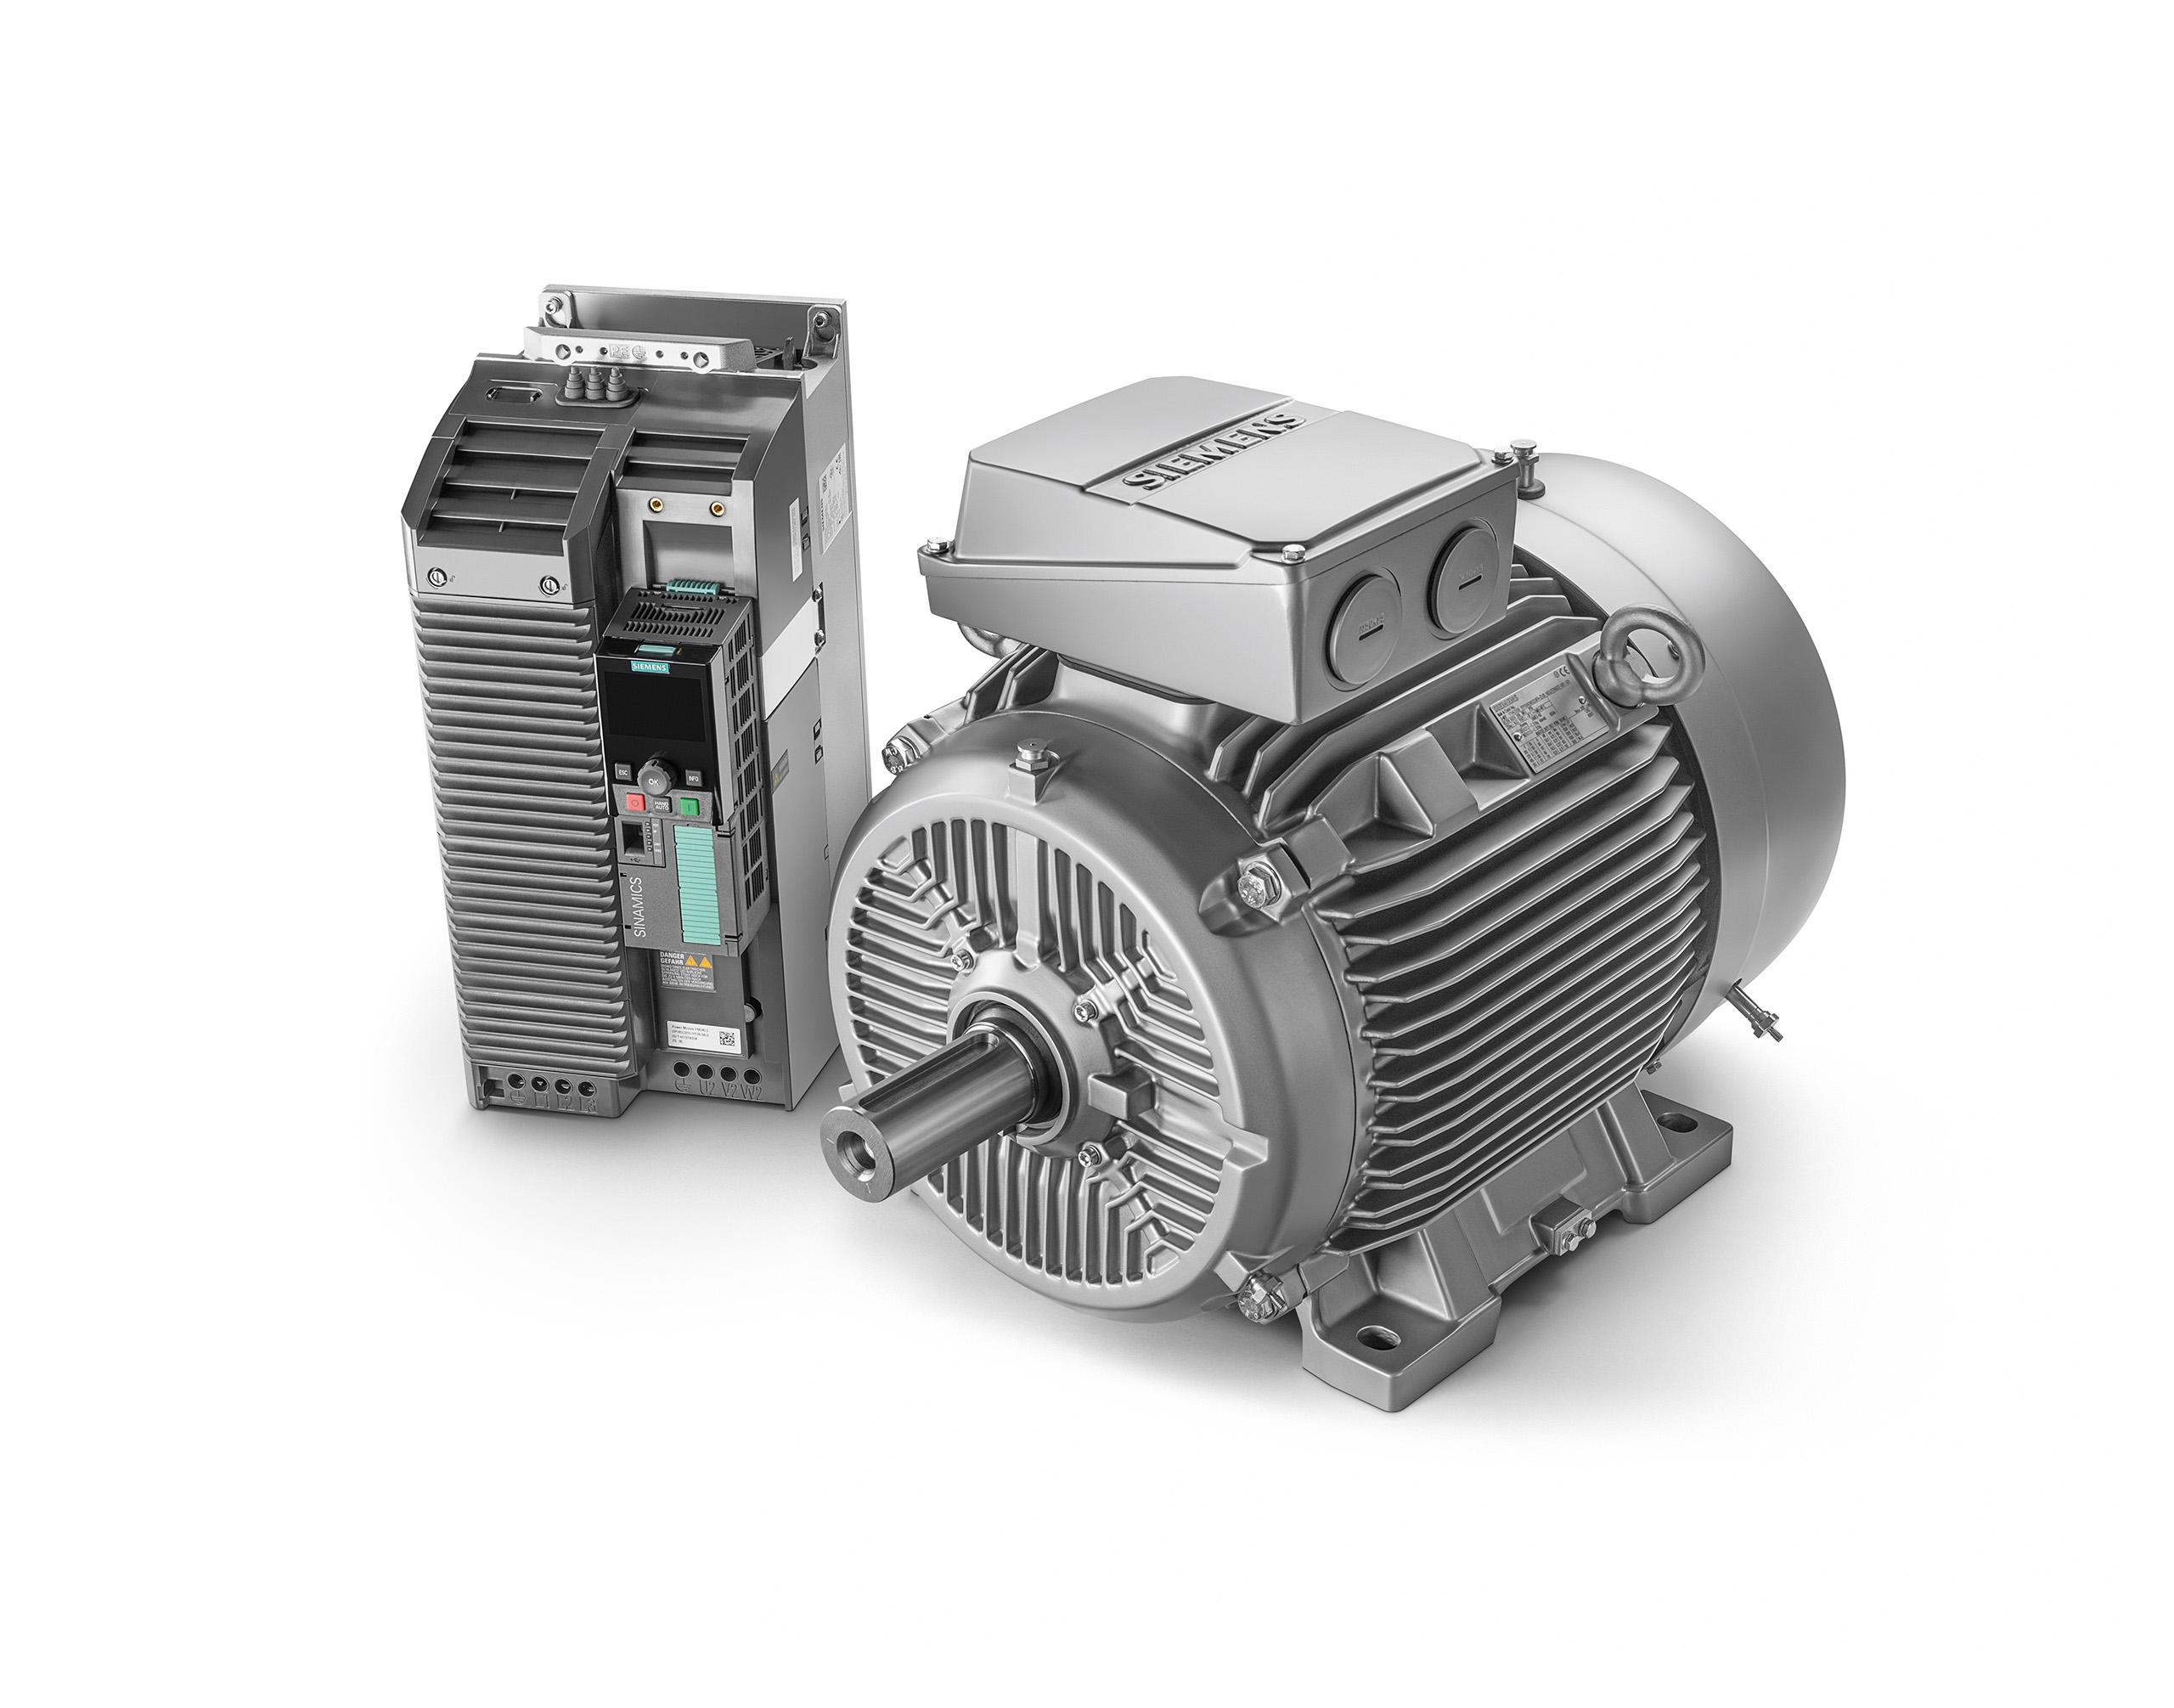 Das optimal aufeinander abgestimmte System aus Umrichter Sinamics G120 und Simotics Synchronreluktanz-Motor ermöglicht die optimale Regelung von Pumpen, Lüftern und Kompressoren.